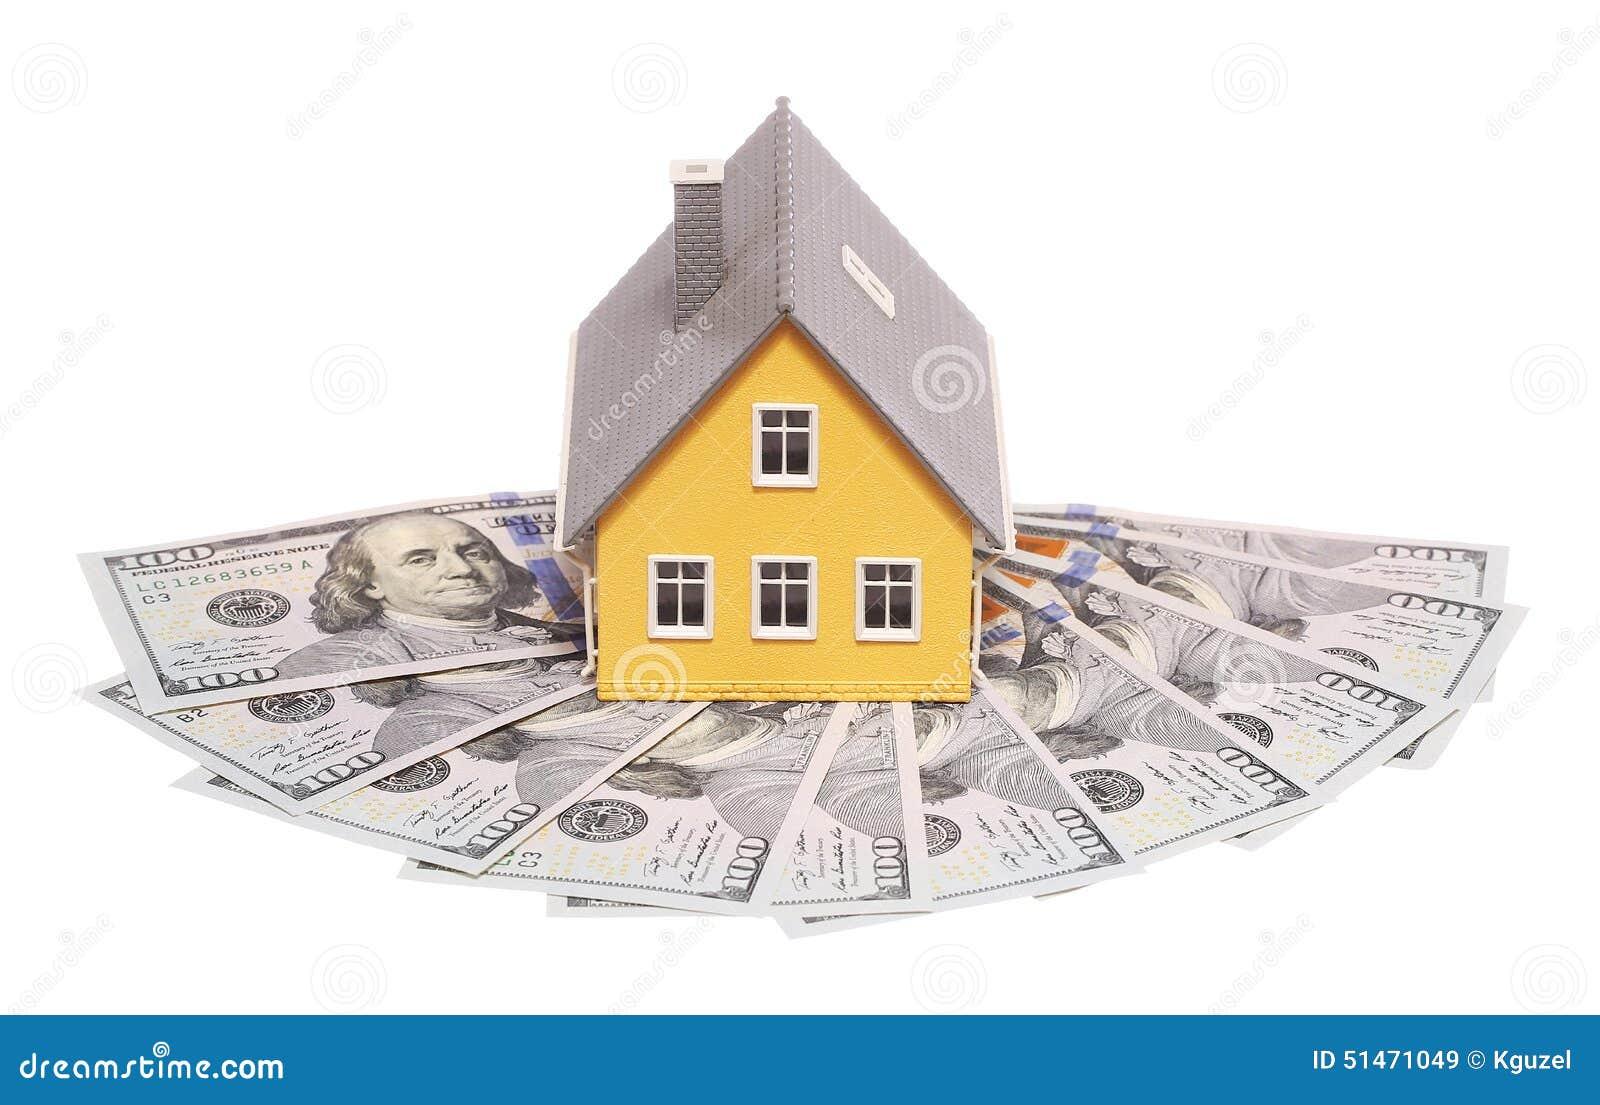 Maison minuscule et argent d isolement hypothèque